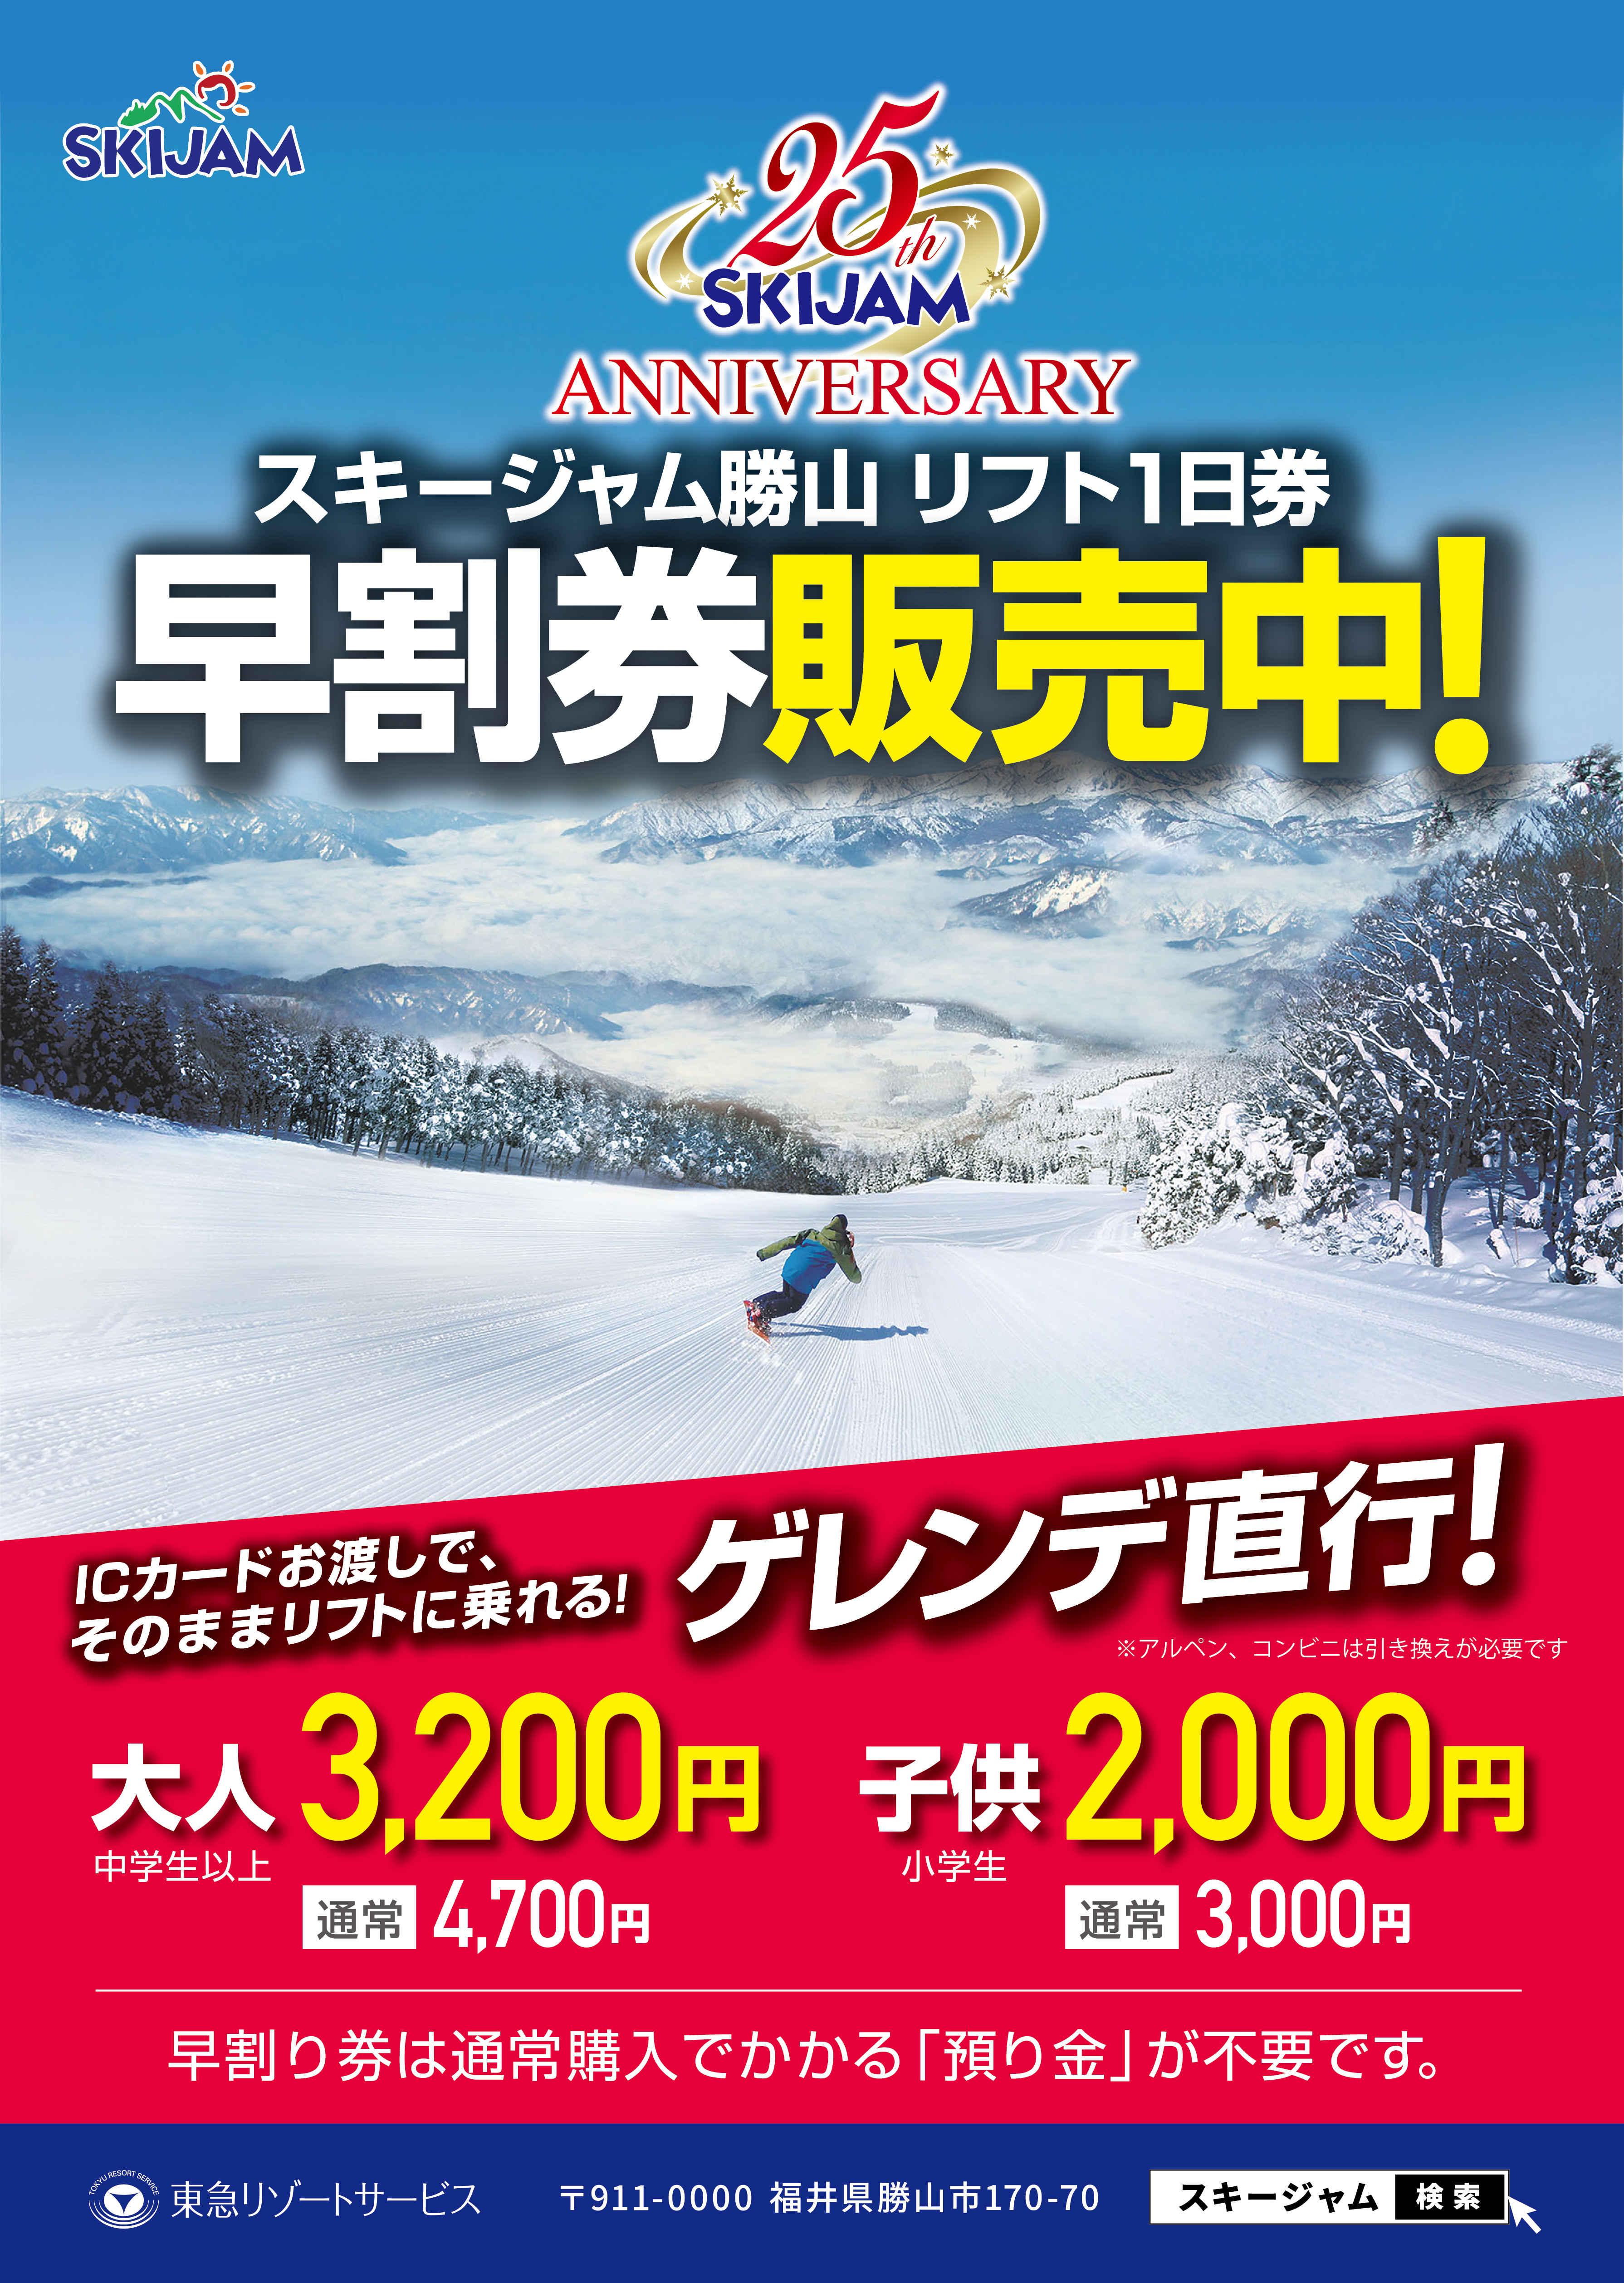 2018−2019シーズン「スキージャム勝山早割チケット販売開始」